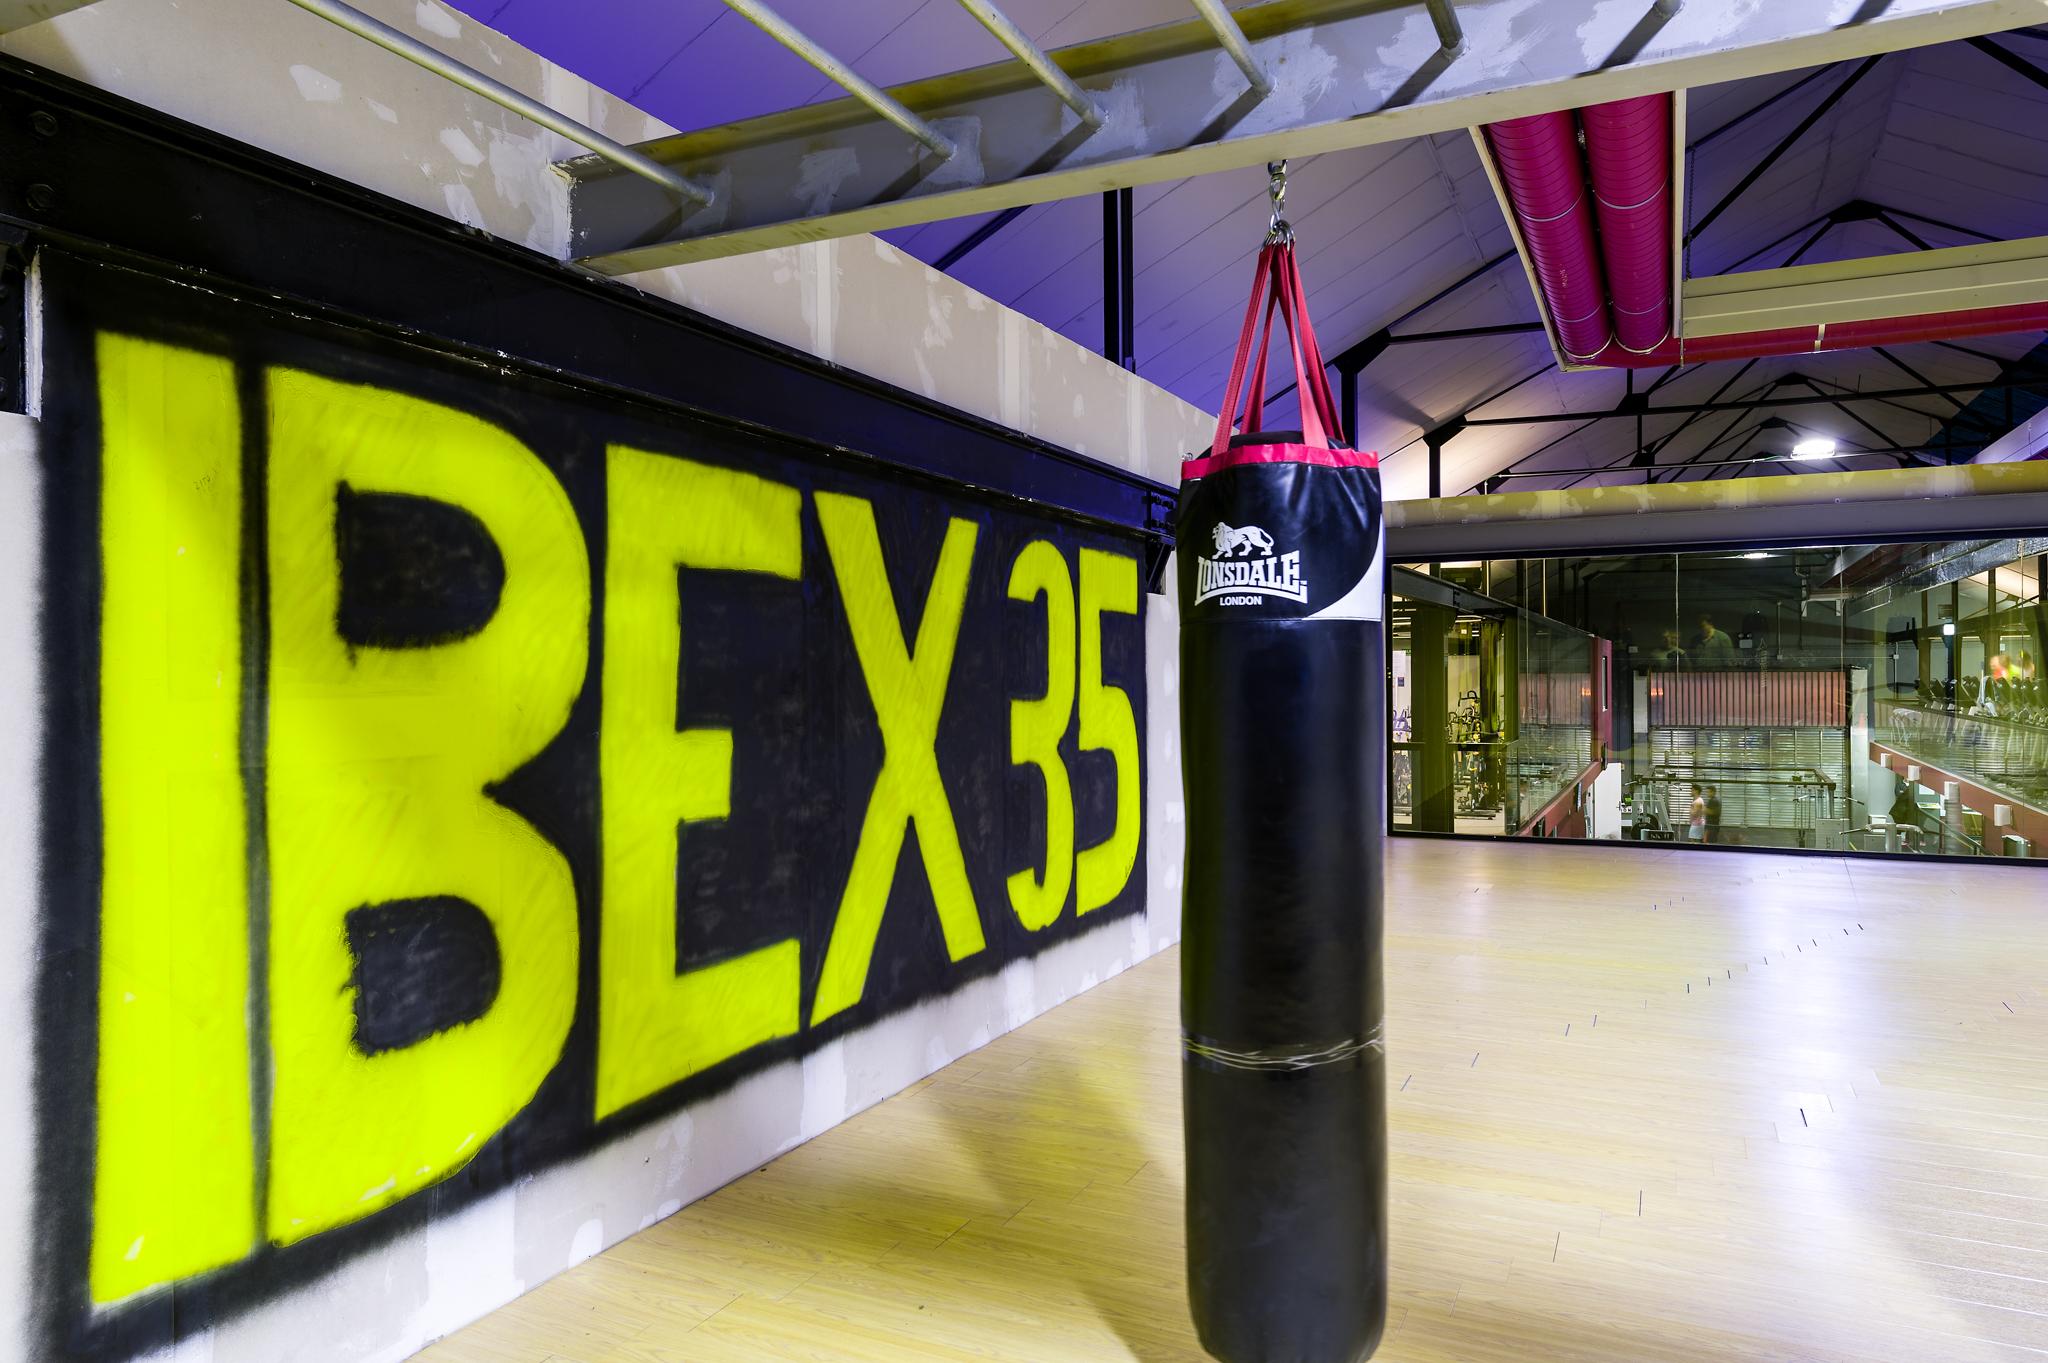 Ibex35-9